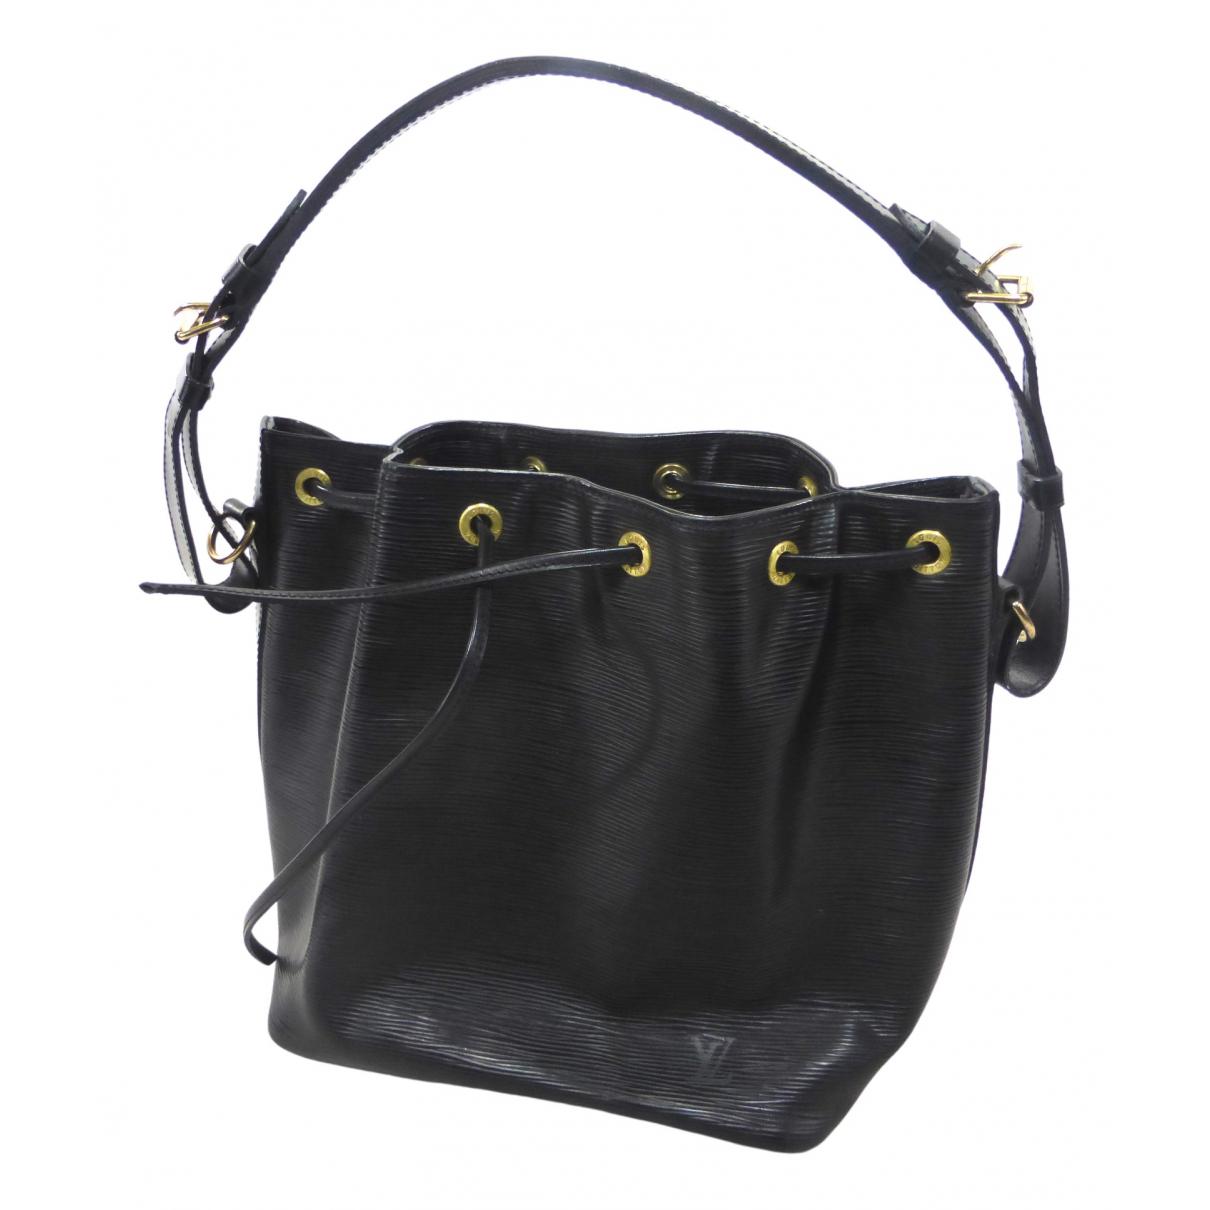 Louis Vuitton - Sac a main Noe pour femme en cuir - noir